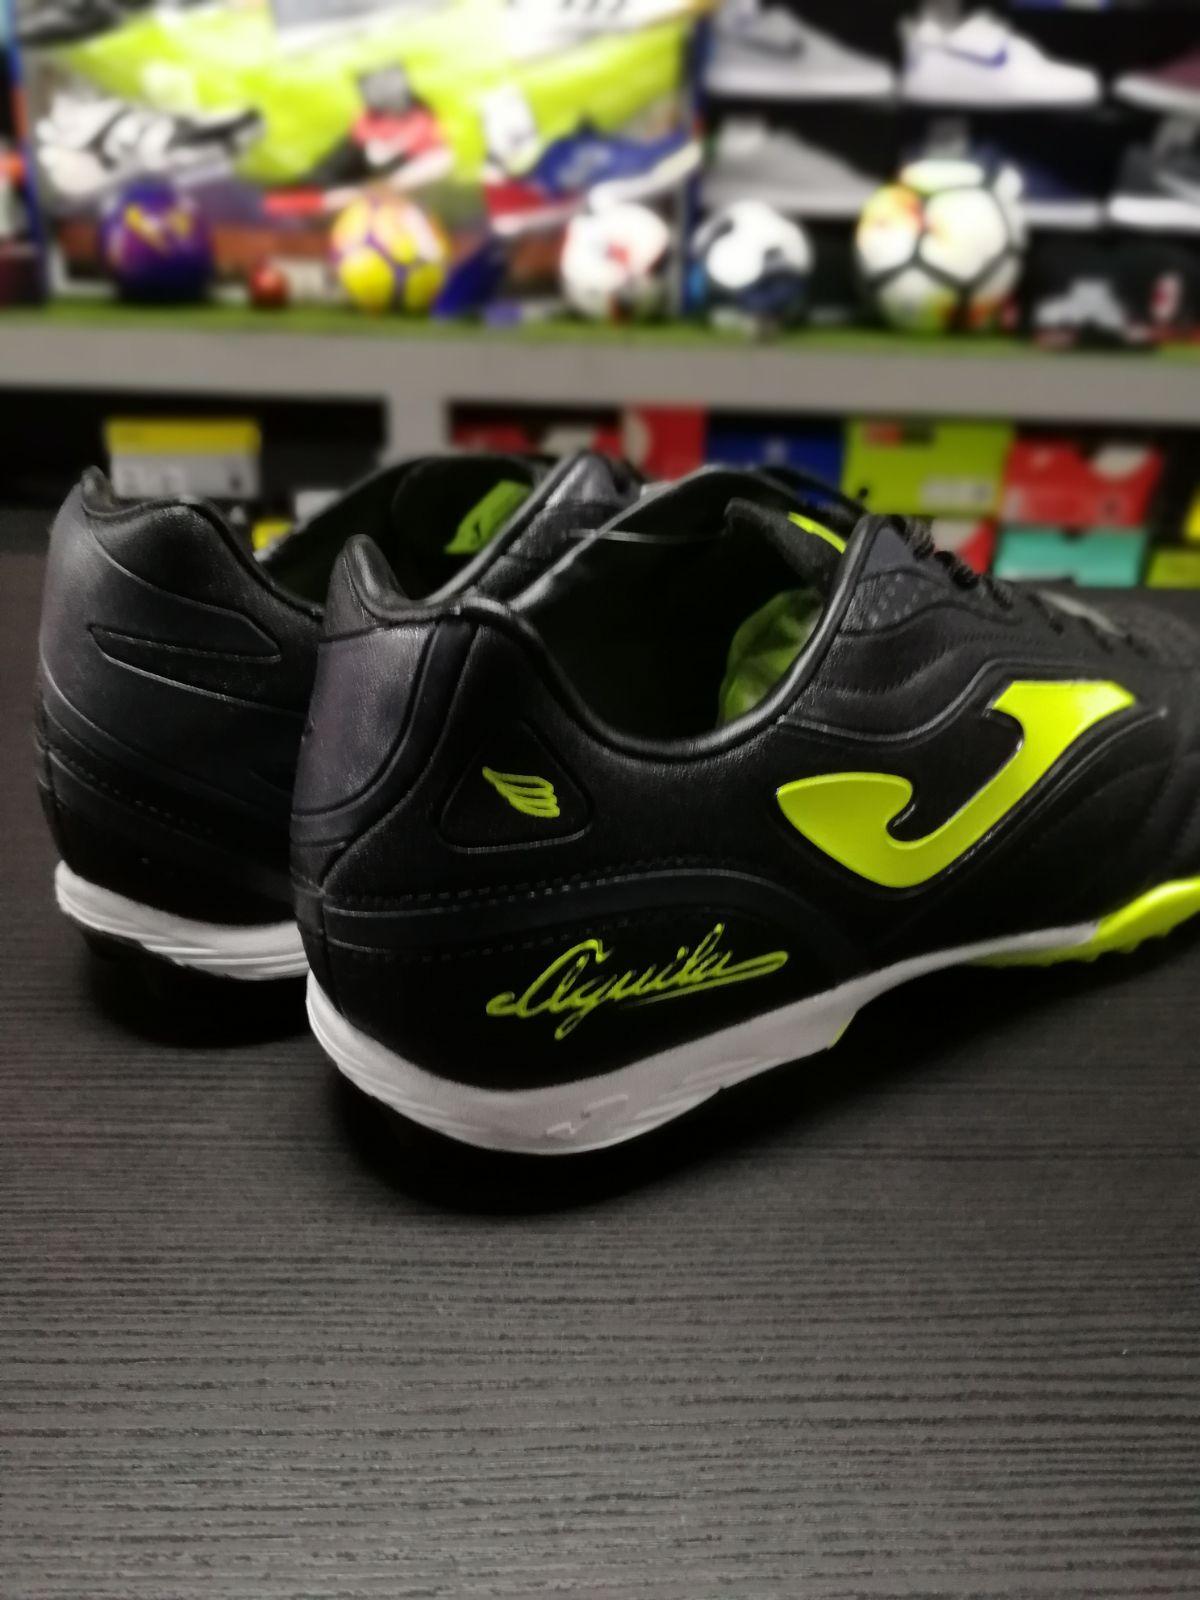 5ca0cb2a2ca9b Football shoes Joma Scarpe da Calcio Aguila Nero Giallo Calcetto Turf  Trainers 7 7 di 7 Vedi Altro